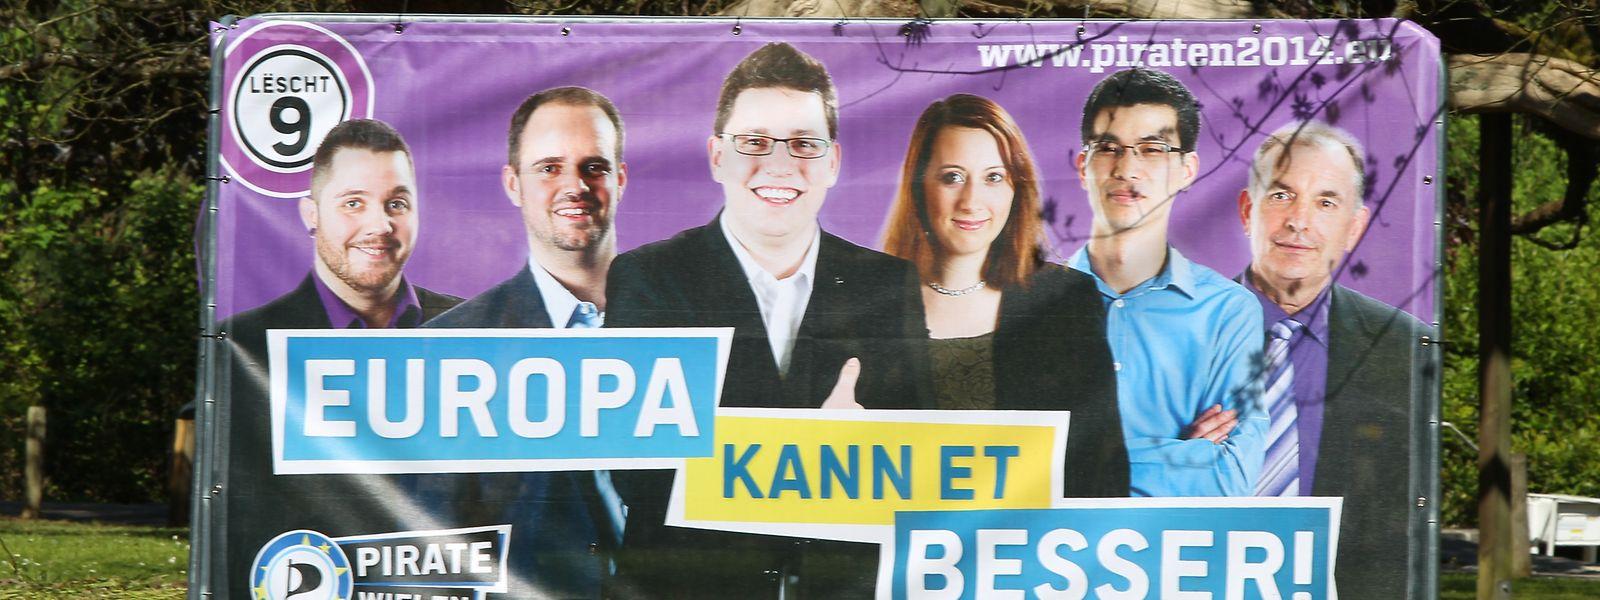 Ein Wahlplakat der Piraten aus dem Jahr 2014.